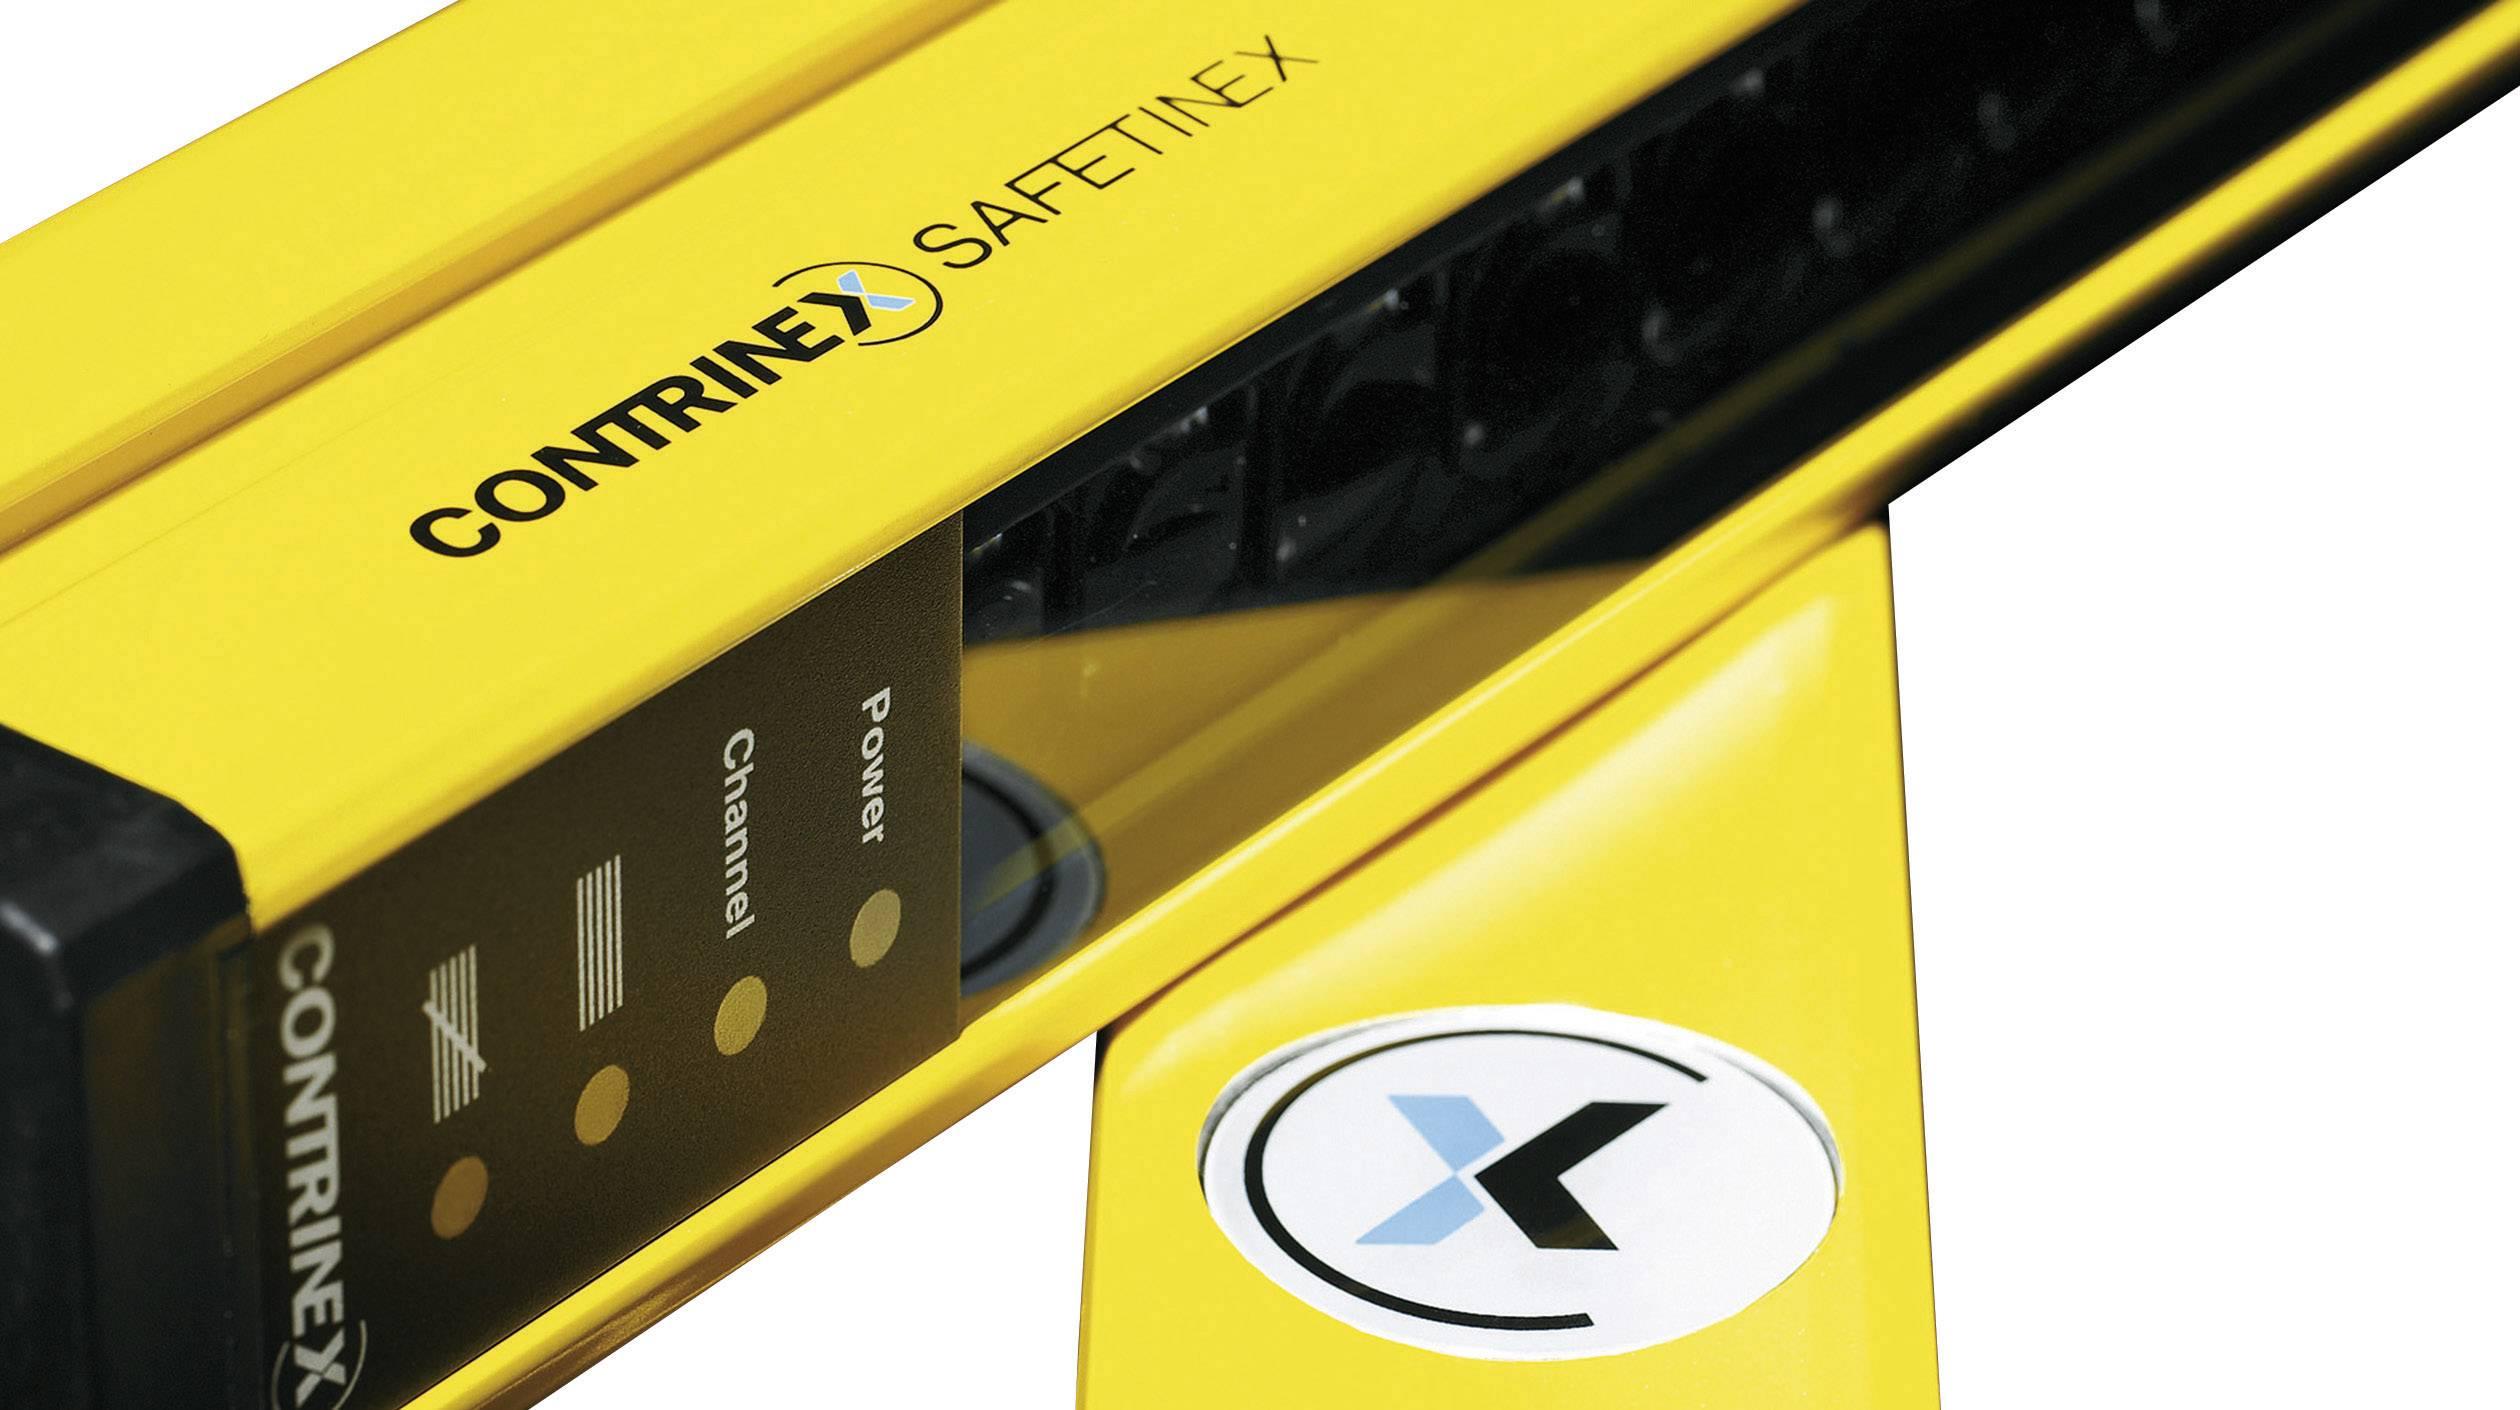 Vícepaprsková bezpečnostní světelná závora pro ochranu osob Contrinex YCA-50R4-3400-G012 630 100 038